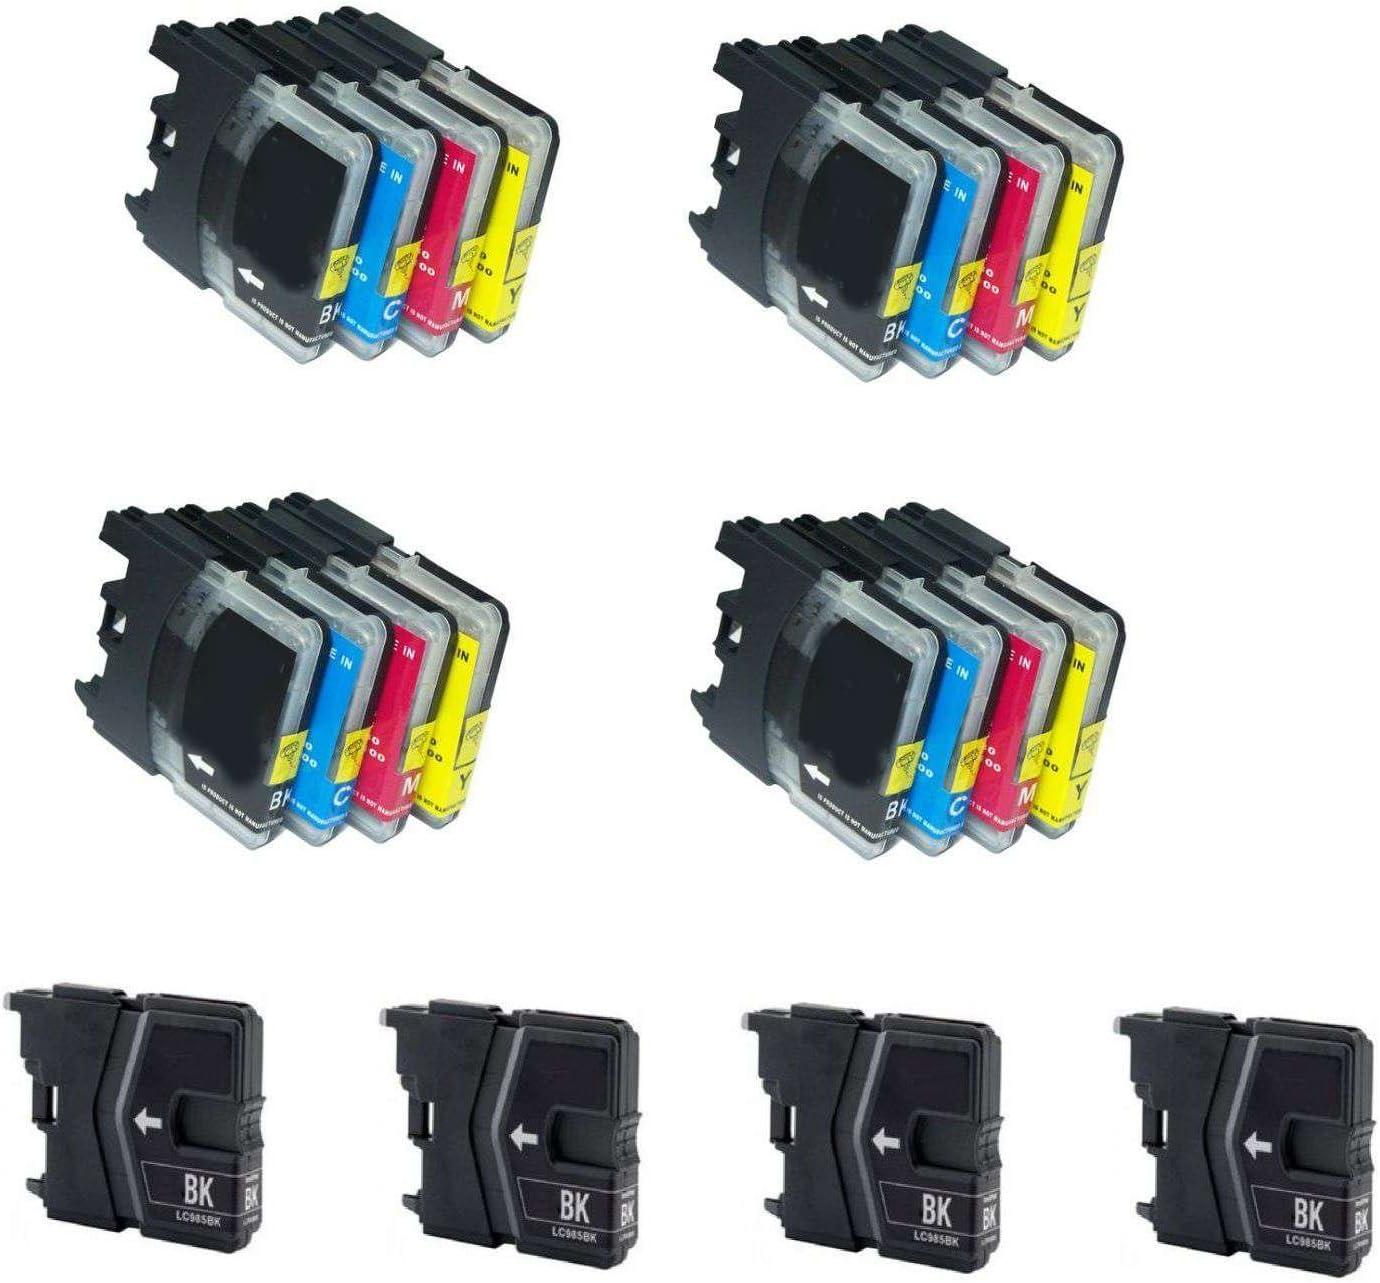 DCP J125 Bramacartuchos MFCJ220 Lc 985, MFCJ265W DCPJ125 MFC J415W MFCJ415W DCPJ515W Brother MFC J265W MFC J220 MFCJ410 DCPJ315W DCP J315W DCP J515W MFC J410 20 X Cartuchos compatibles NON OEM BROTHER LC985